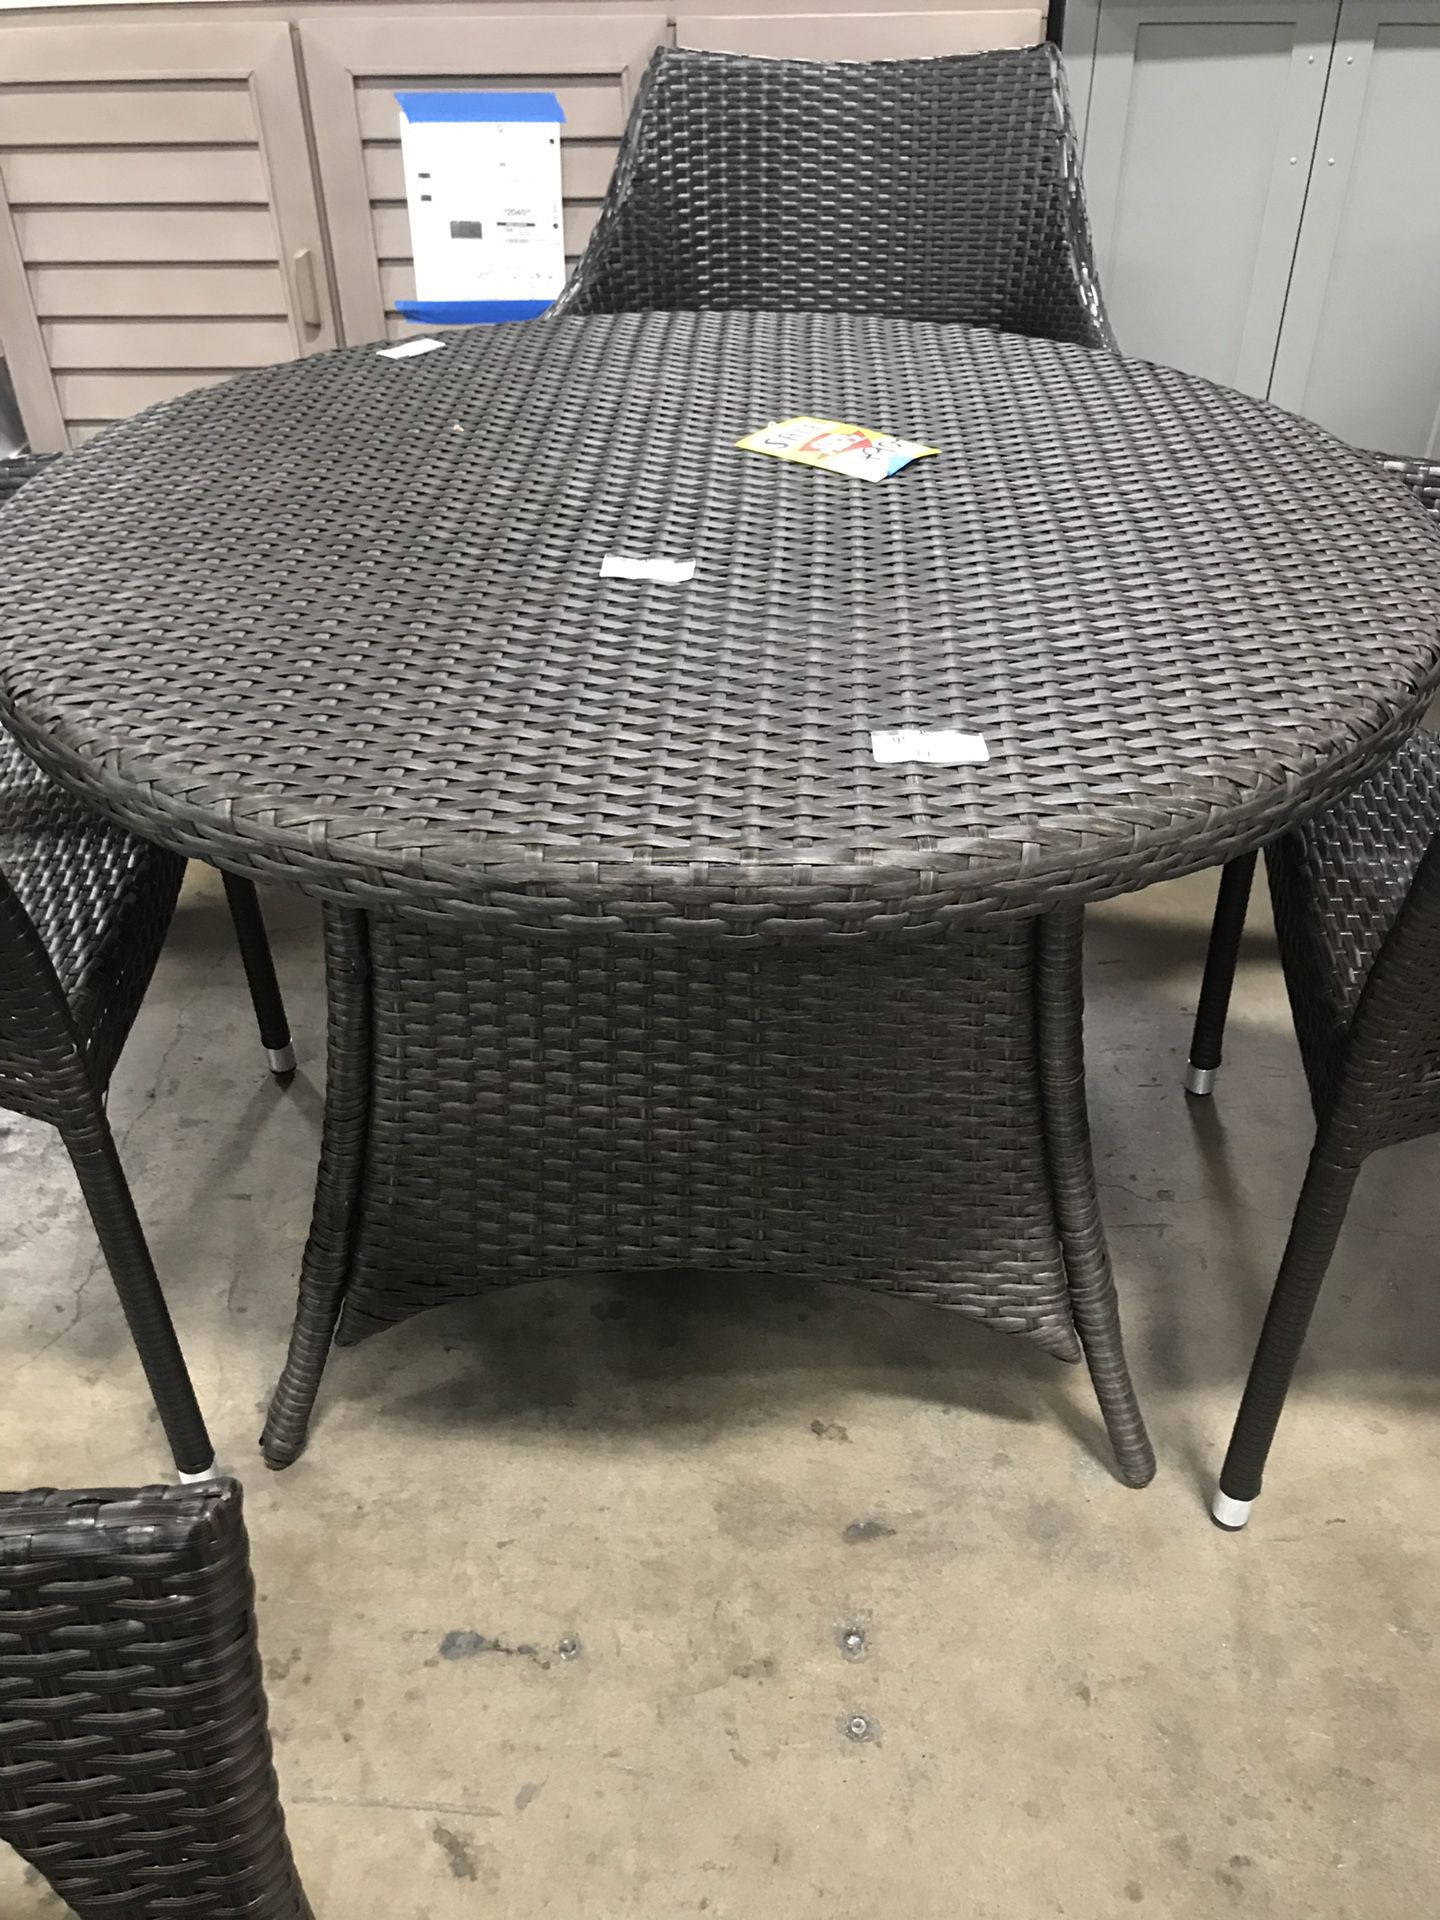 5 Piece Wicker Round Outdoor Dining Set